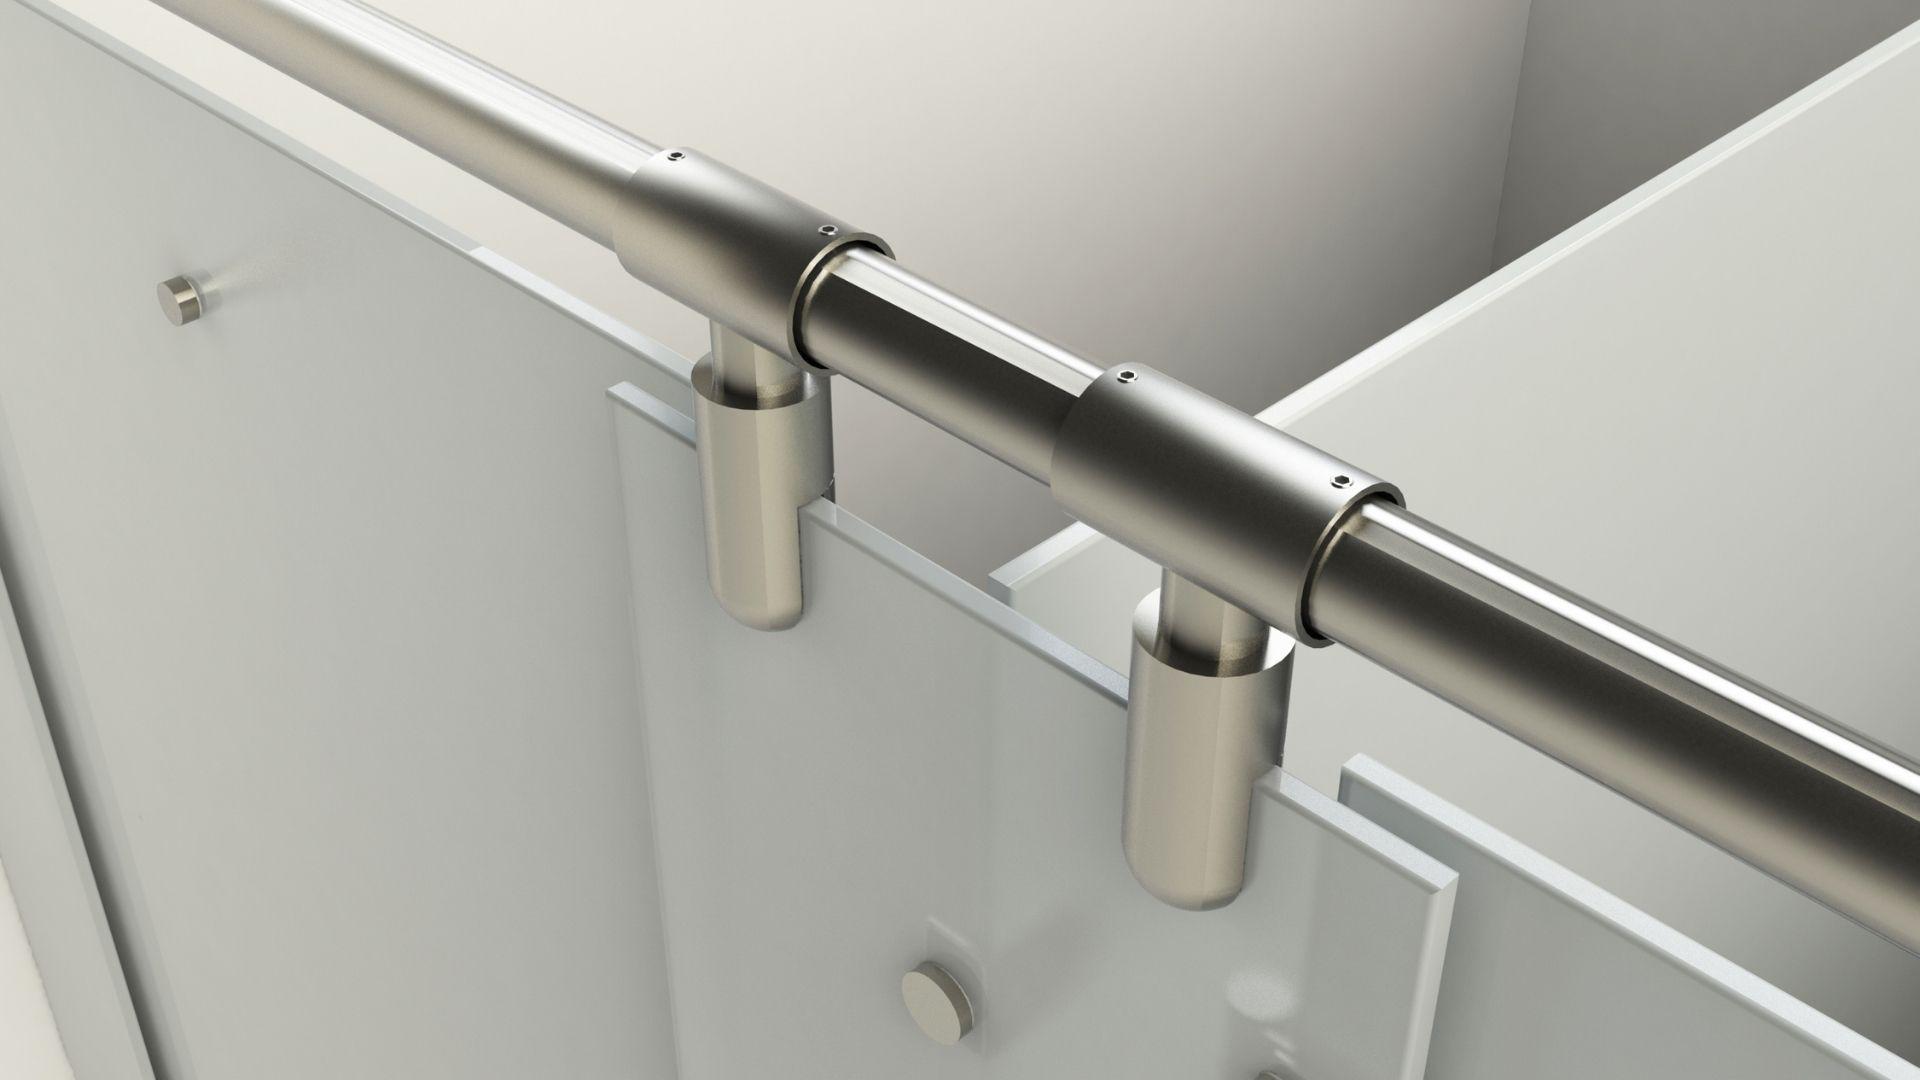 Glass washrooms hinge